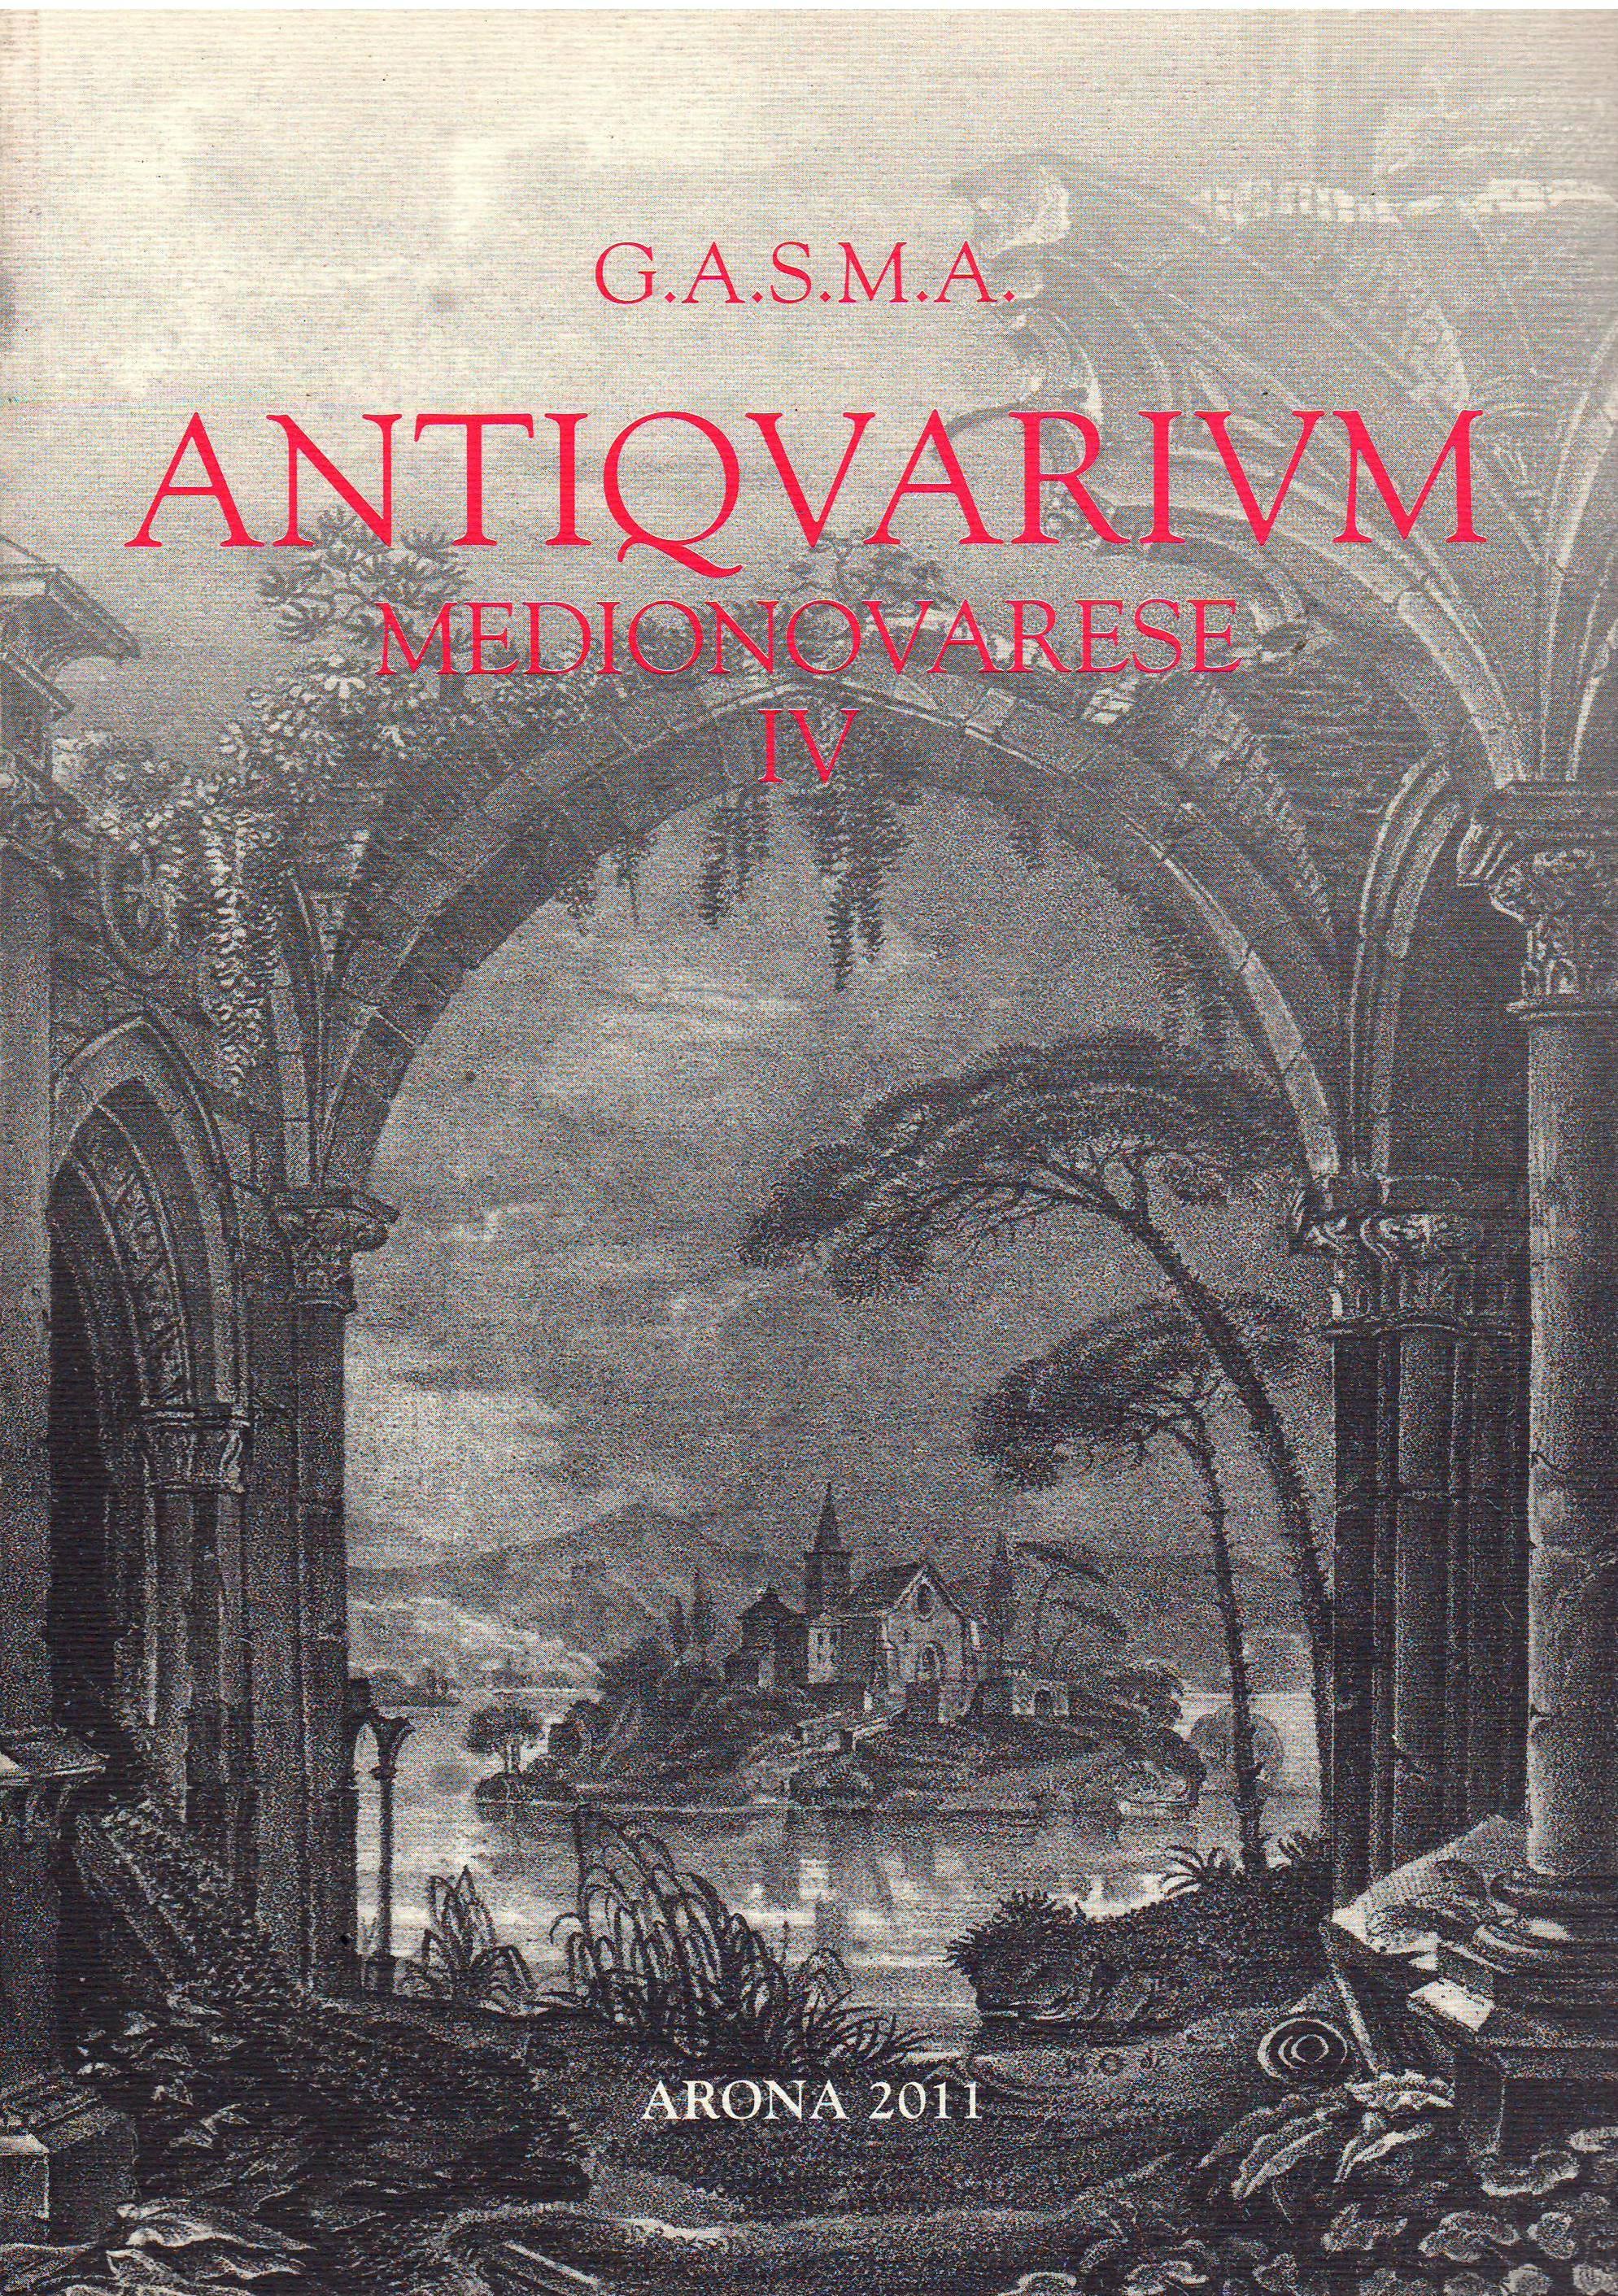 Antiquarium medionovarese vol. 4